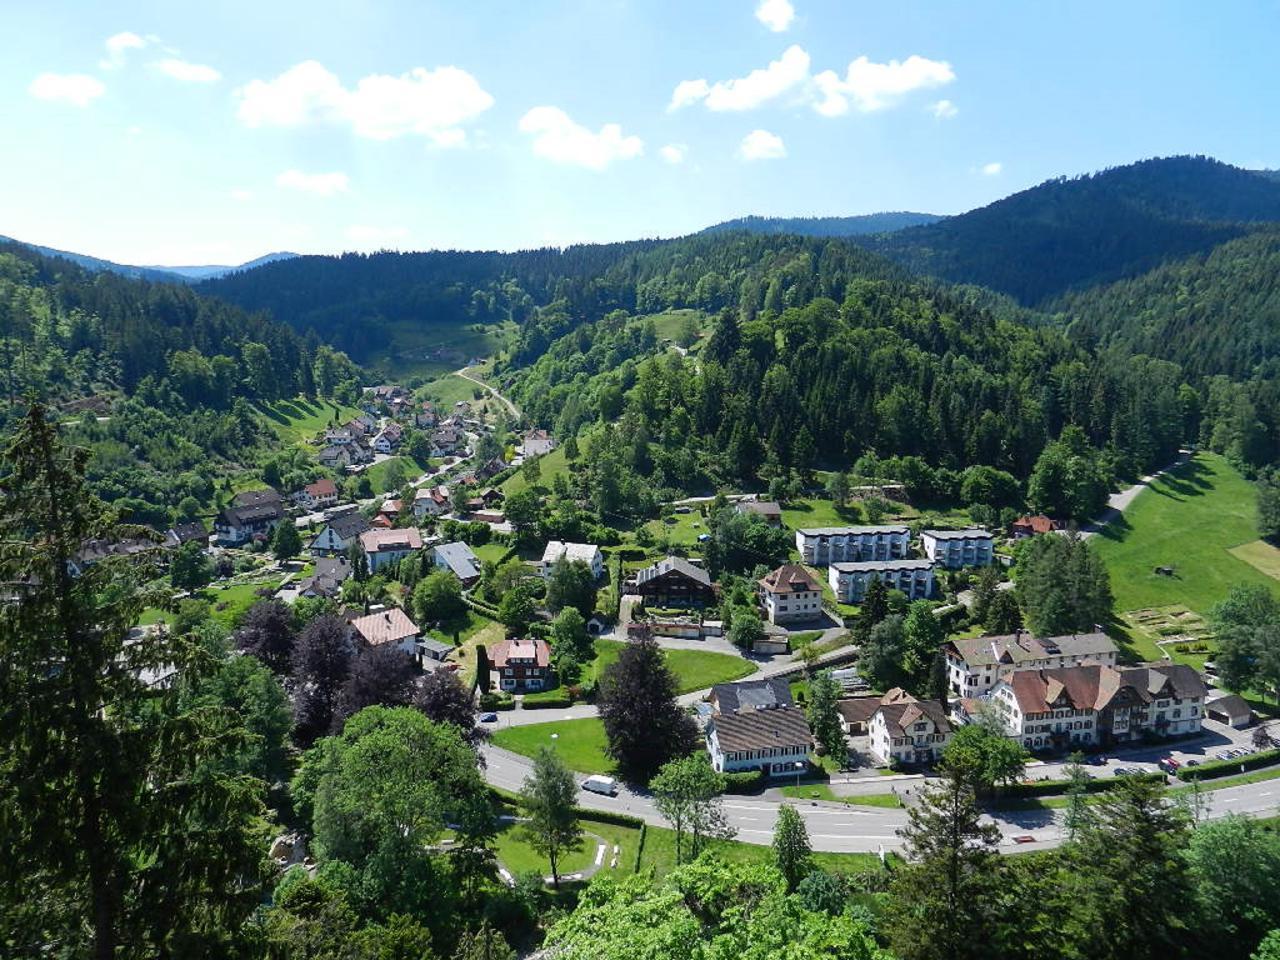 Ferienwohnung Bachweise (146348), Baiersbronn, Schwarzwald, Baden-Württemberg, Deutschland, Bild 15